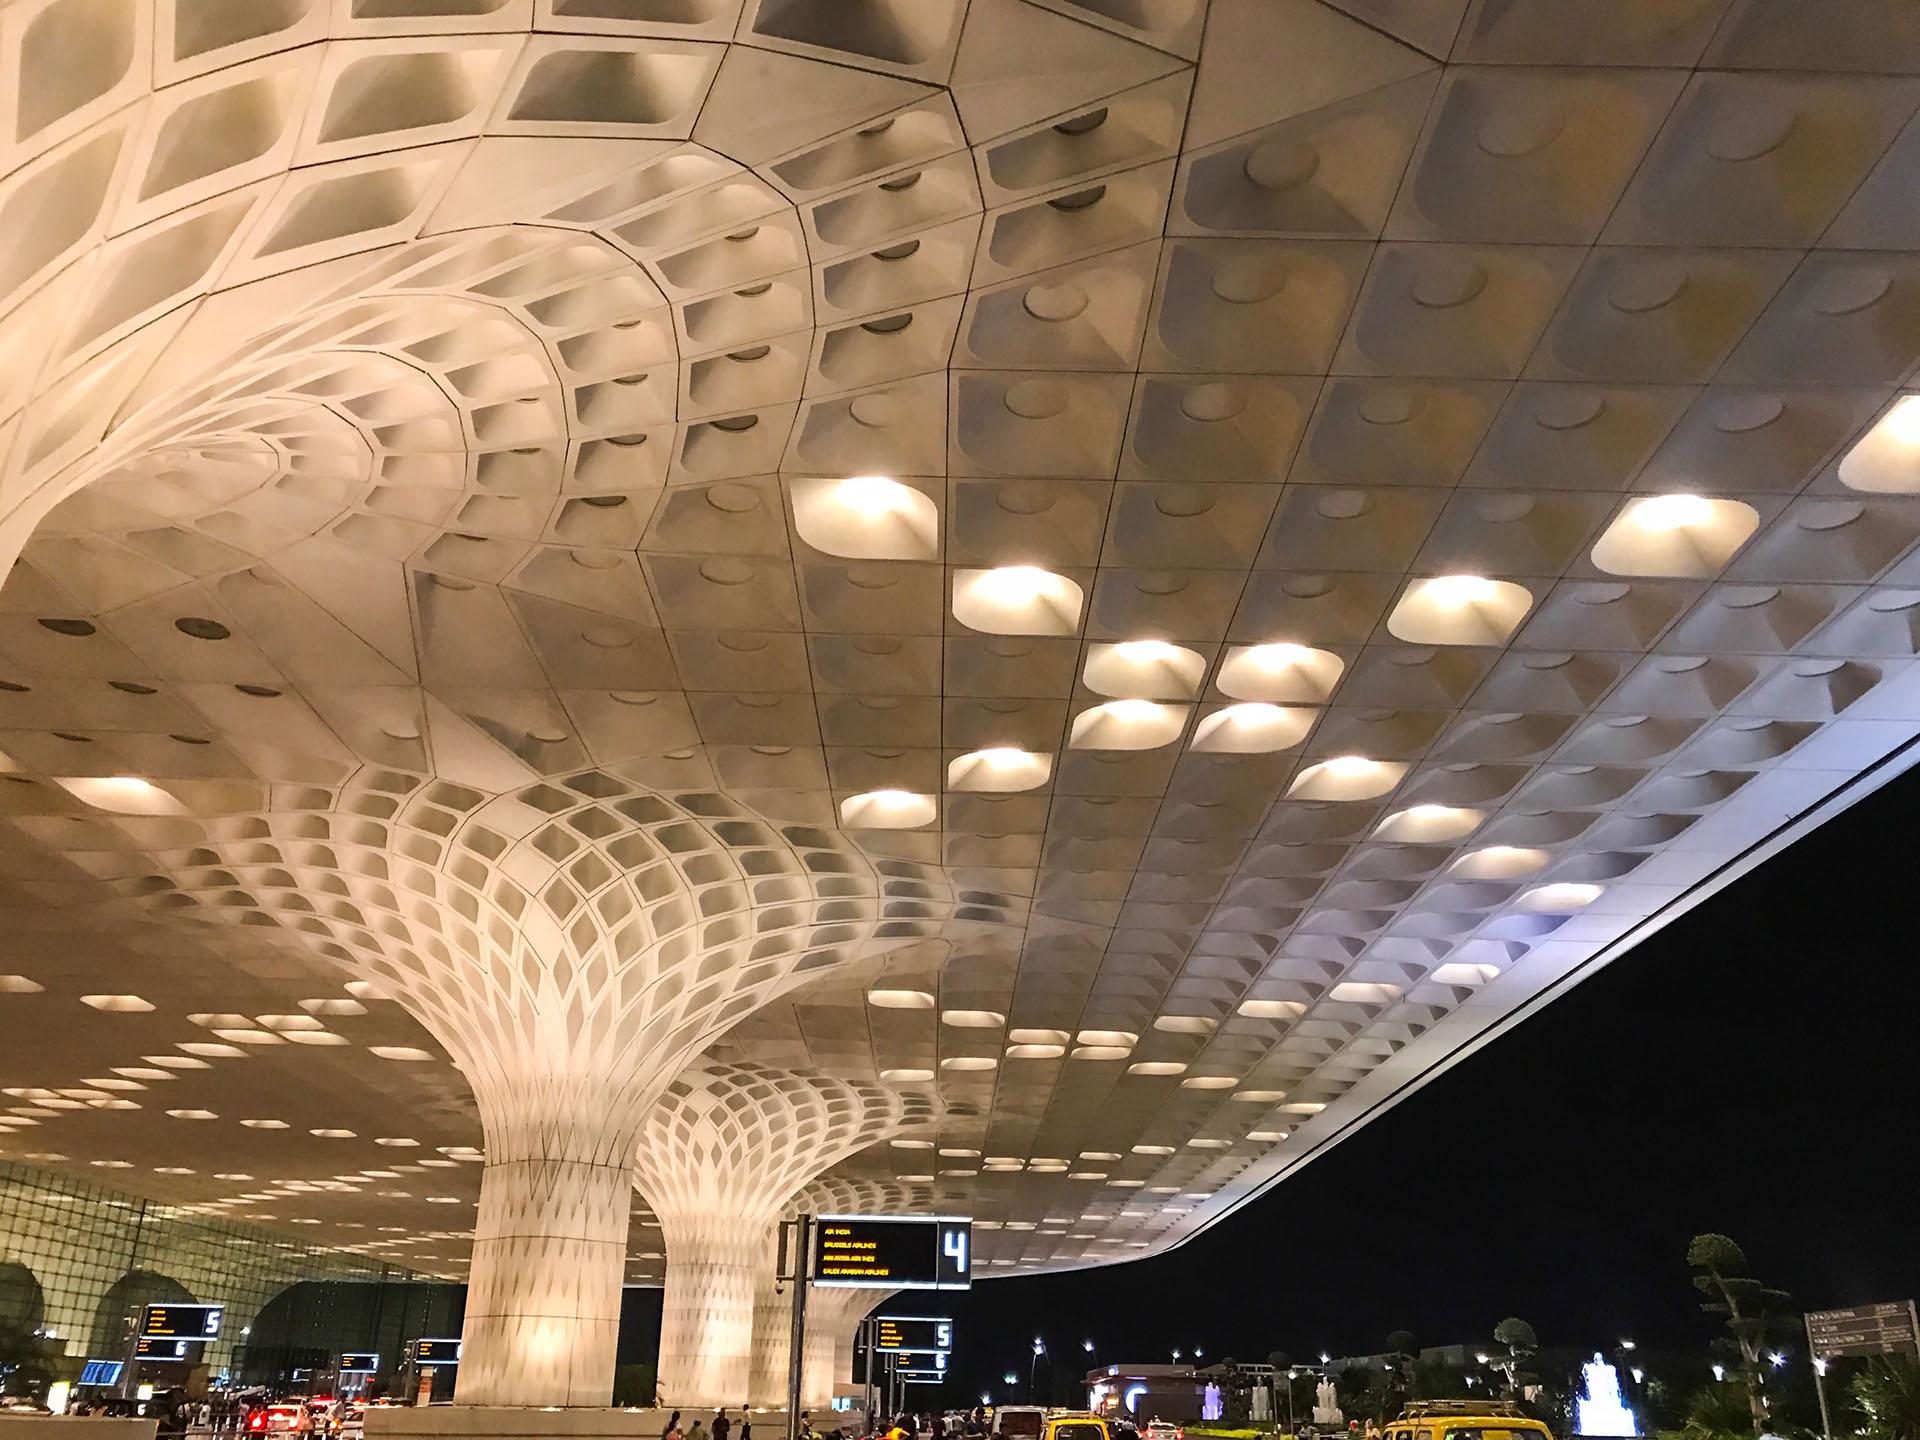 El Aeropuerto Internacional Chhatrapati Shivaji en Mumbia, India, tiene un dosel en el techo con patrones inspirados en parte en el pavo real, el ave nacional del país